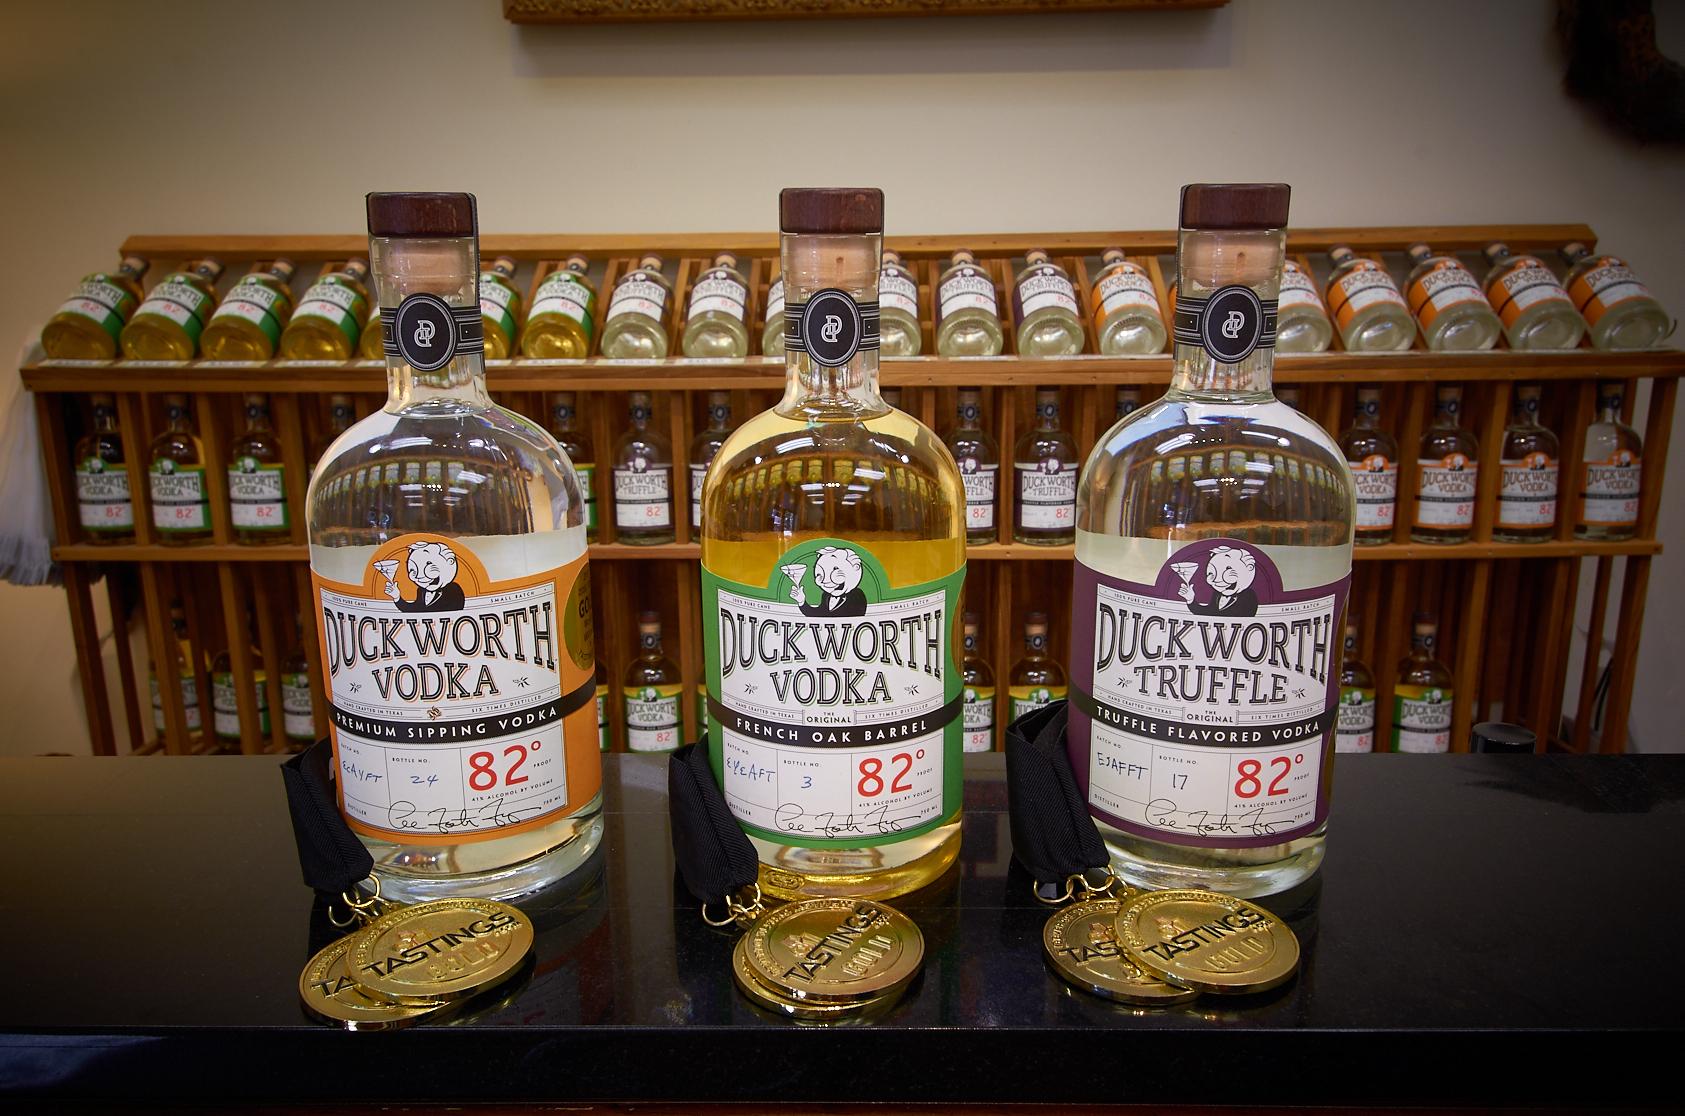 duckworth-vodka-tasting-goody-goody-white-rock